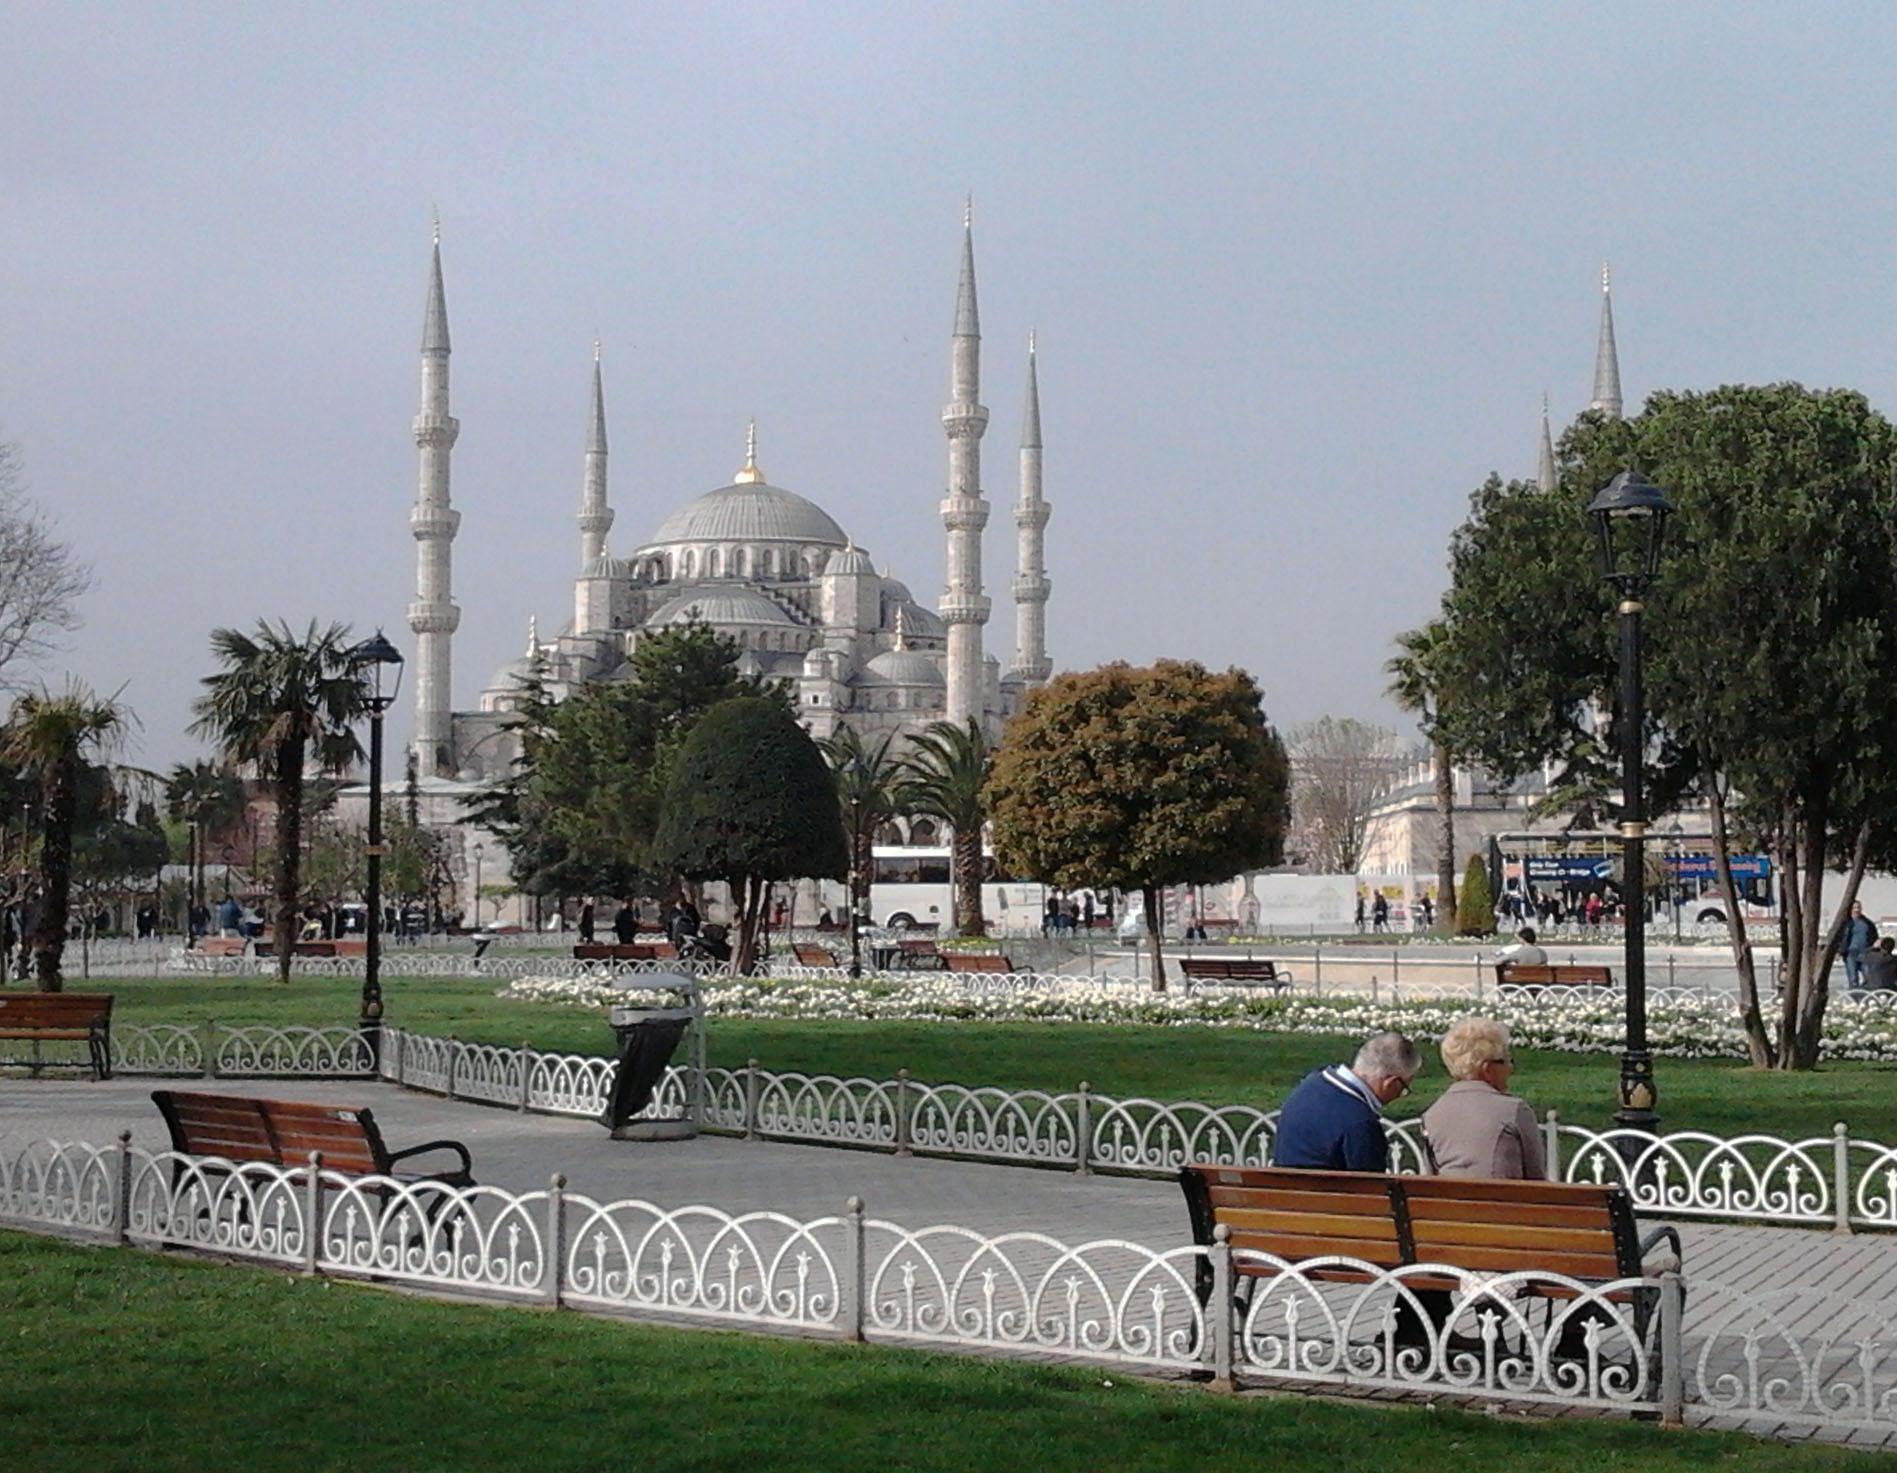 土耳其 伊斯坦堡 藍色清真寺遠景